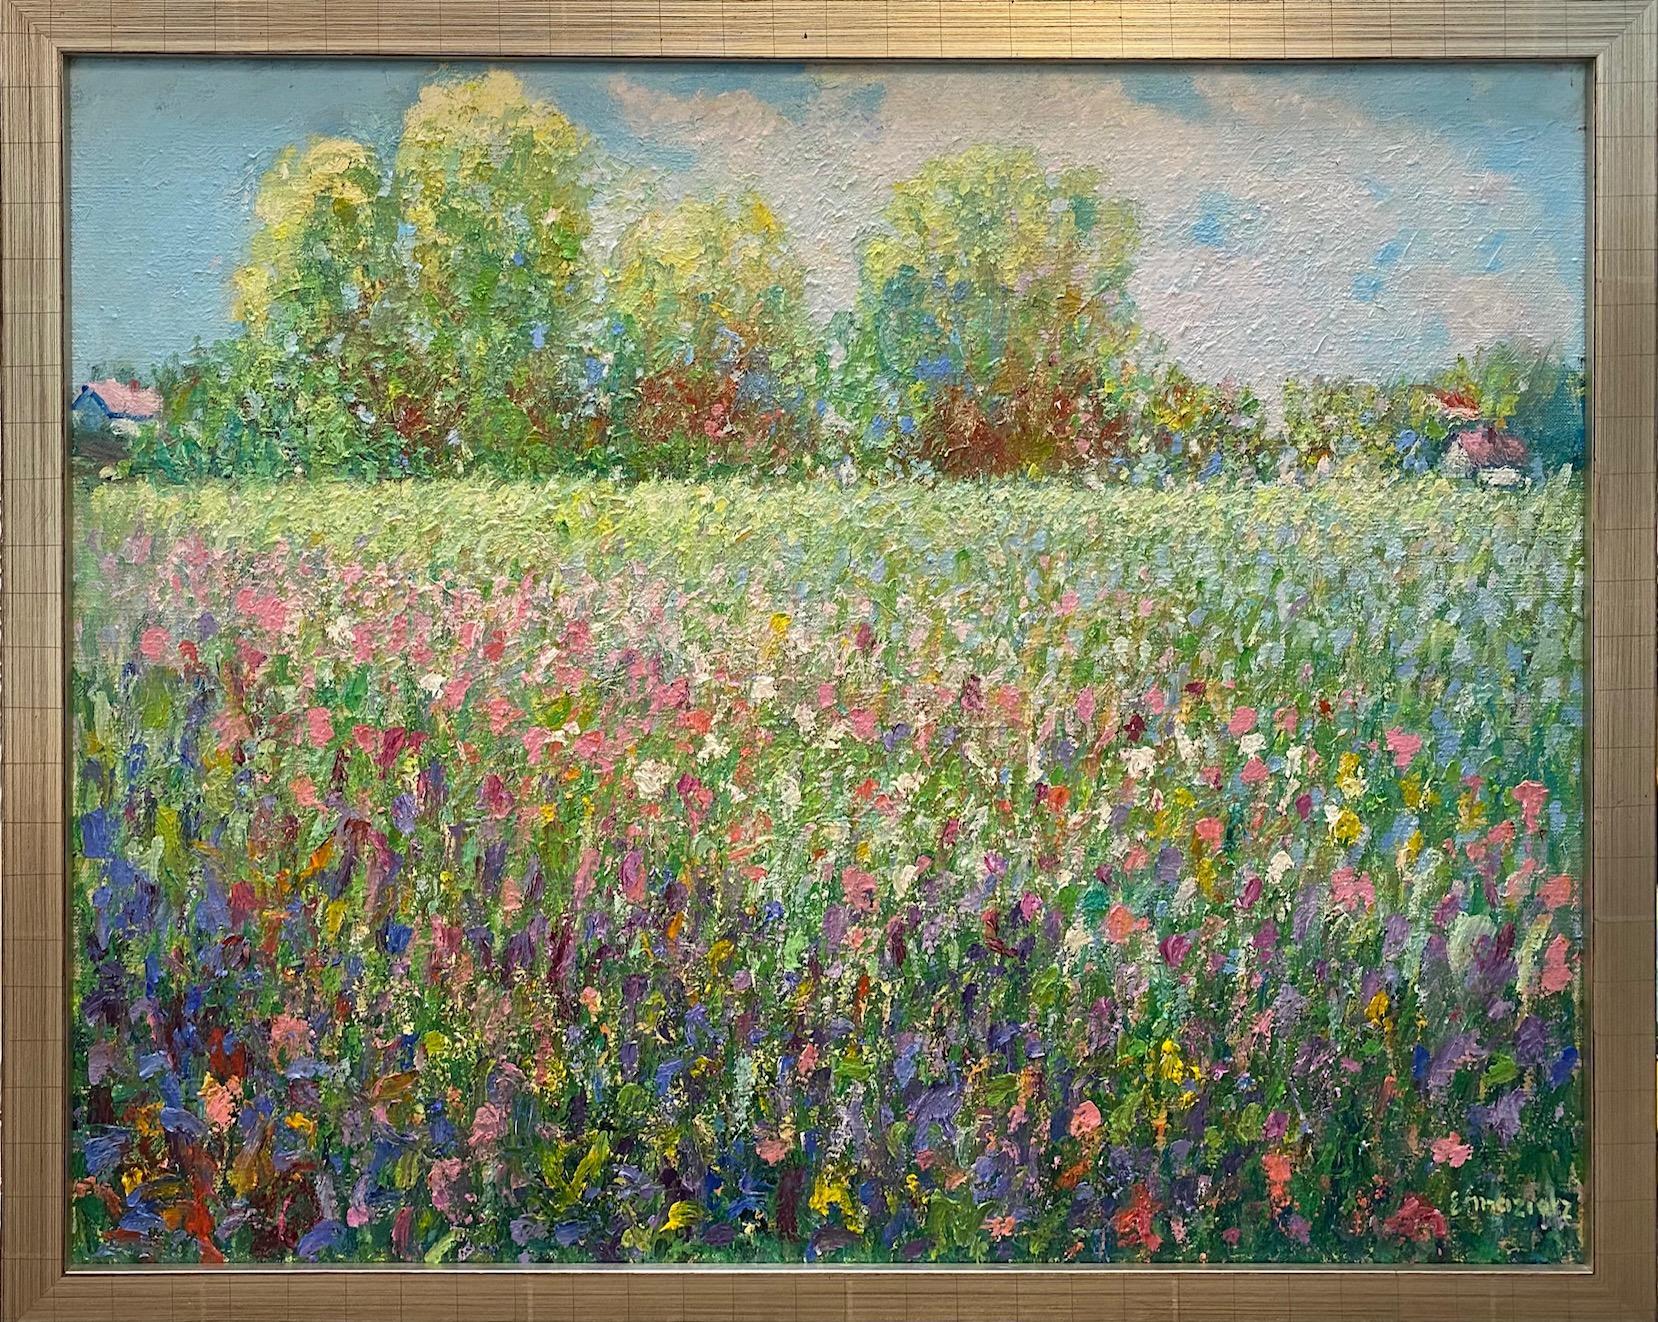 Spring Flowers, original 24x30 impressionist floral landscape